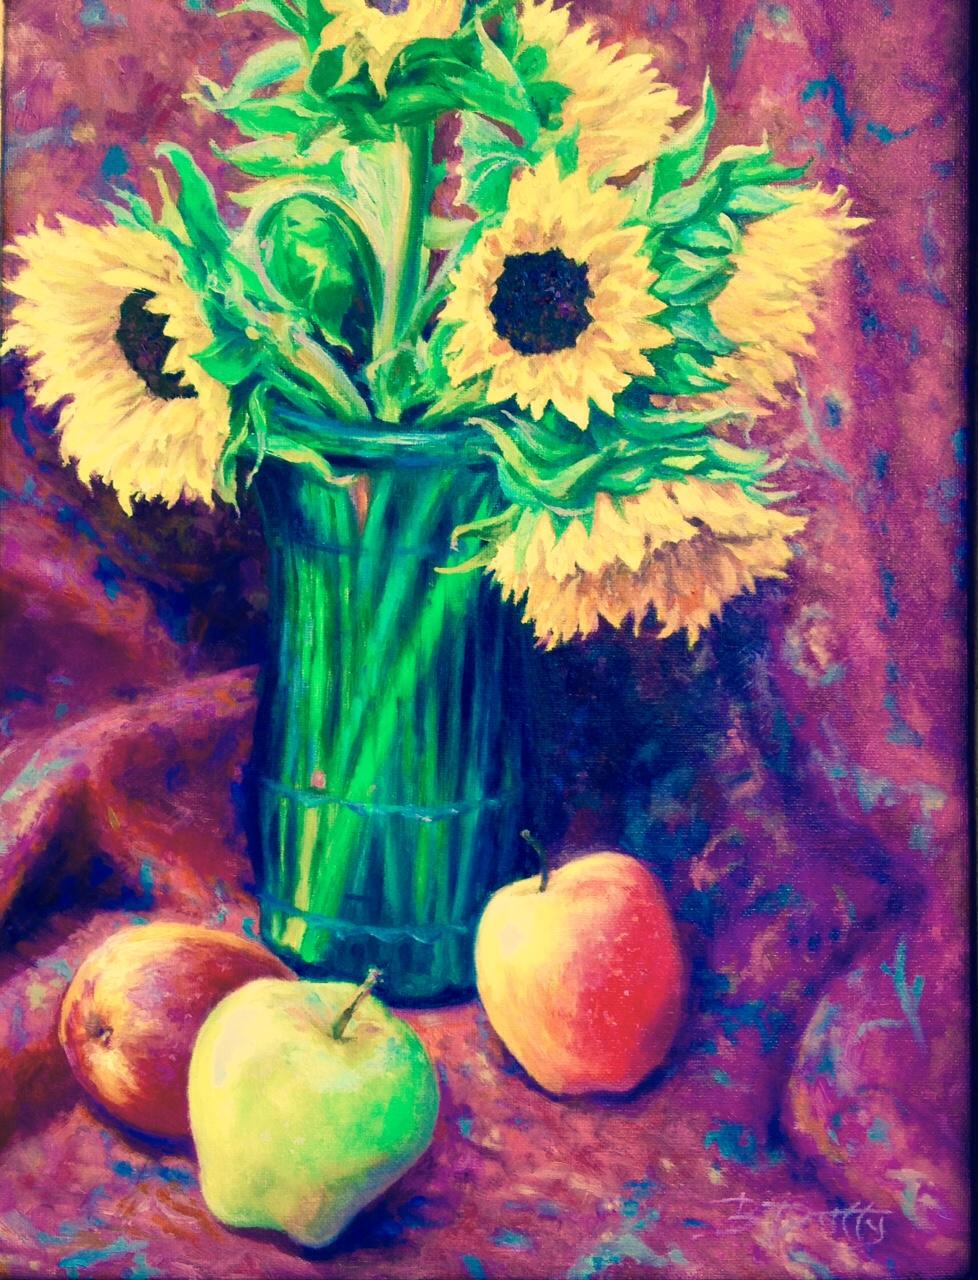 BDuffy_Summertime Sunflowers & Green Apples_Oil